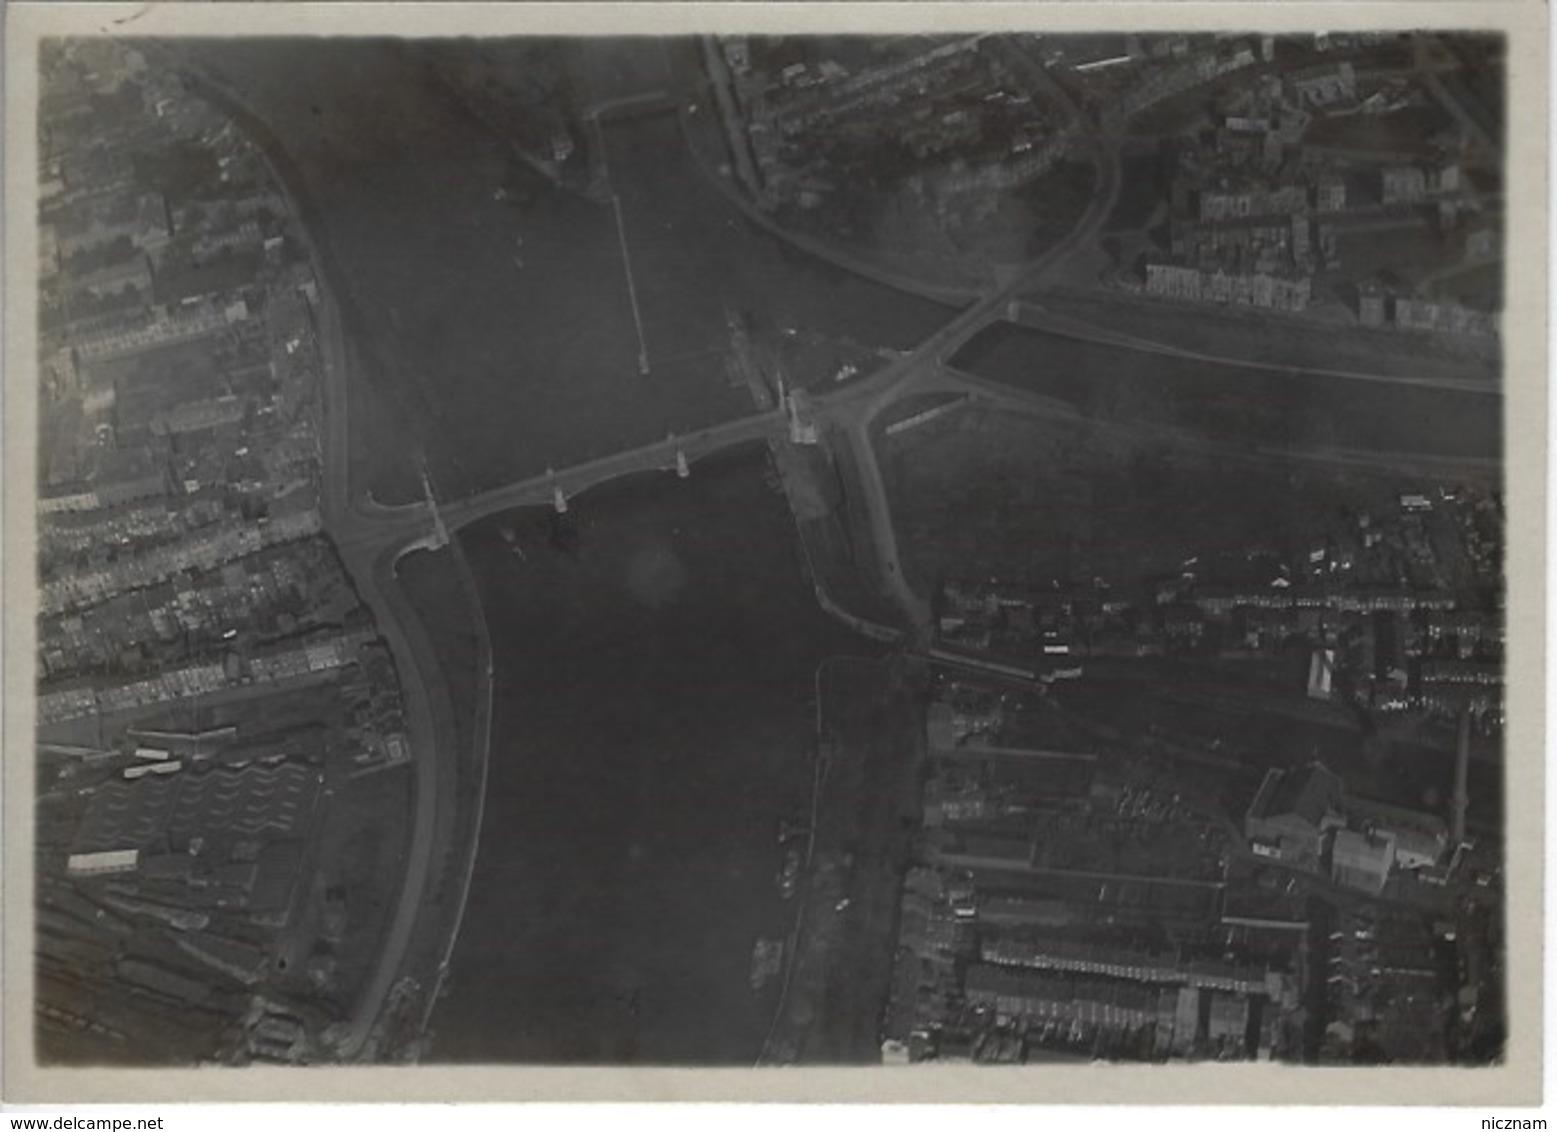 RARE - WWI - Aviation Militaire - 2 Photos Originales Annotées - Vue Panoramique Liège - Luchtvaart